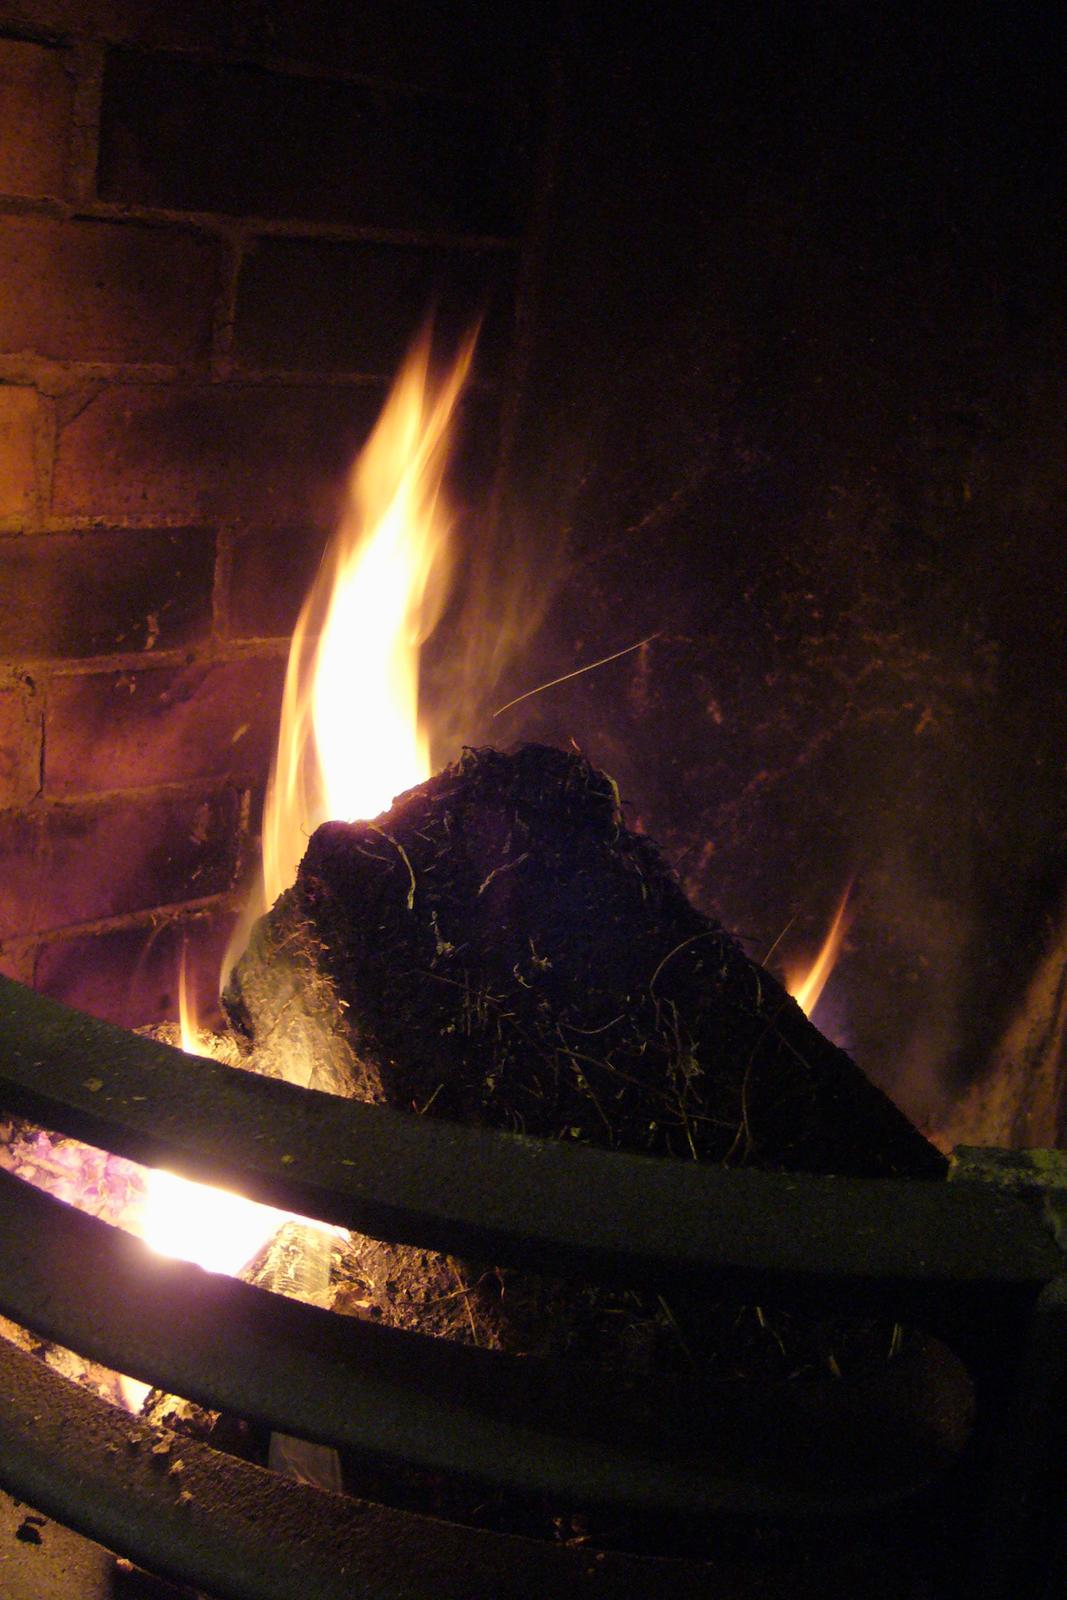 Fotografia przedstawia ceglane palenisko, osłonięte zprzodu trzema metalowymi sztabami. Wpalenisku płonie bryła torfu. Torf jest tu surowcem energetycznym.